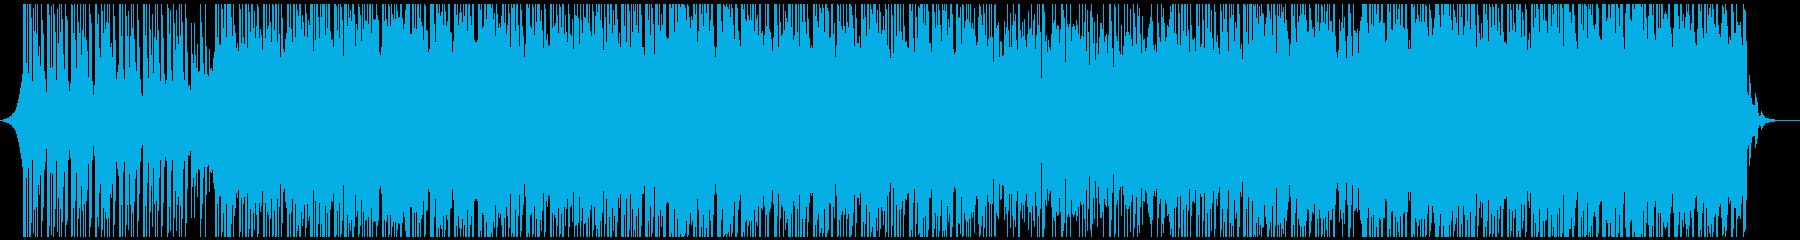 テクニカルコーポレートミュージックの再生済みの波形